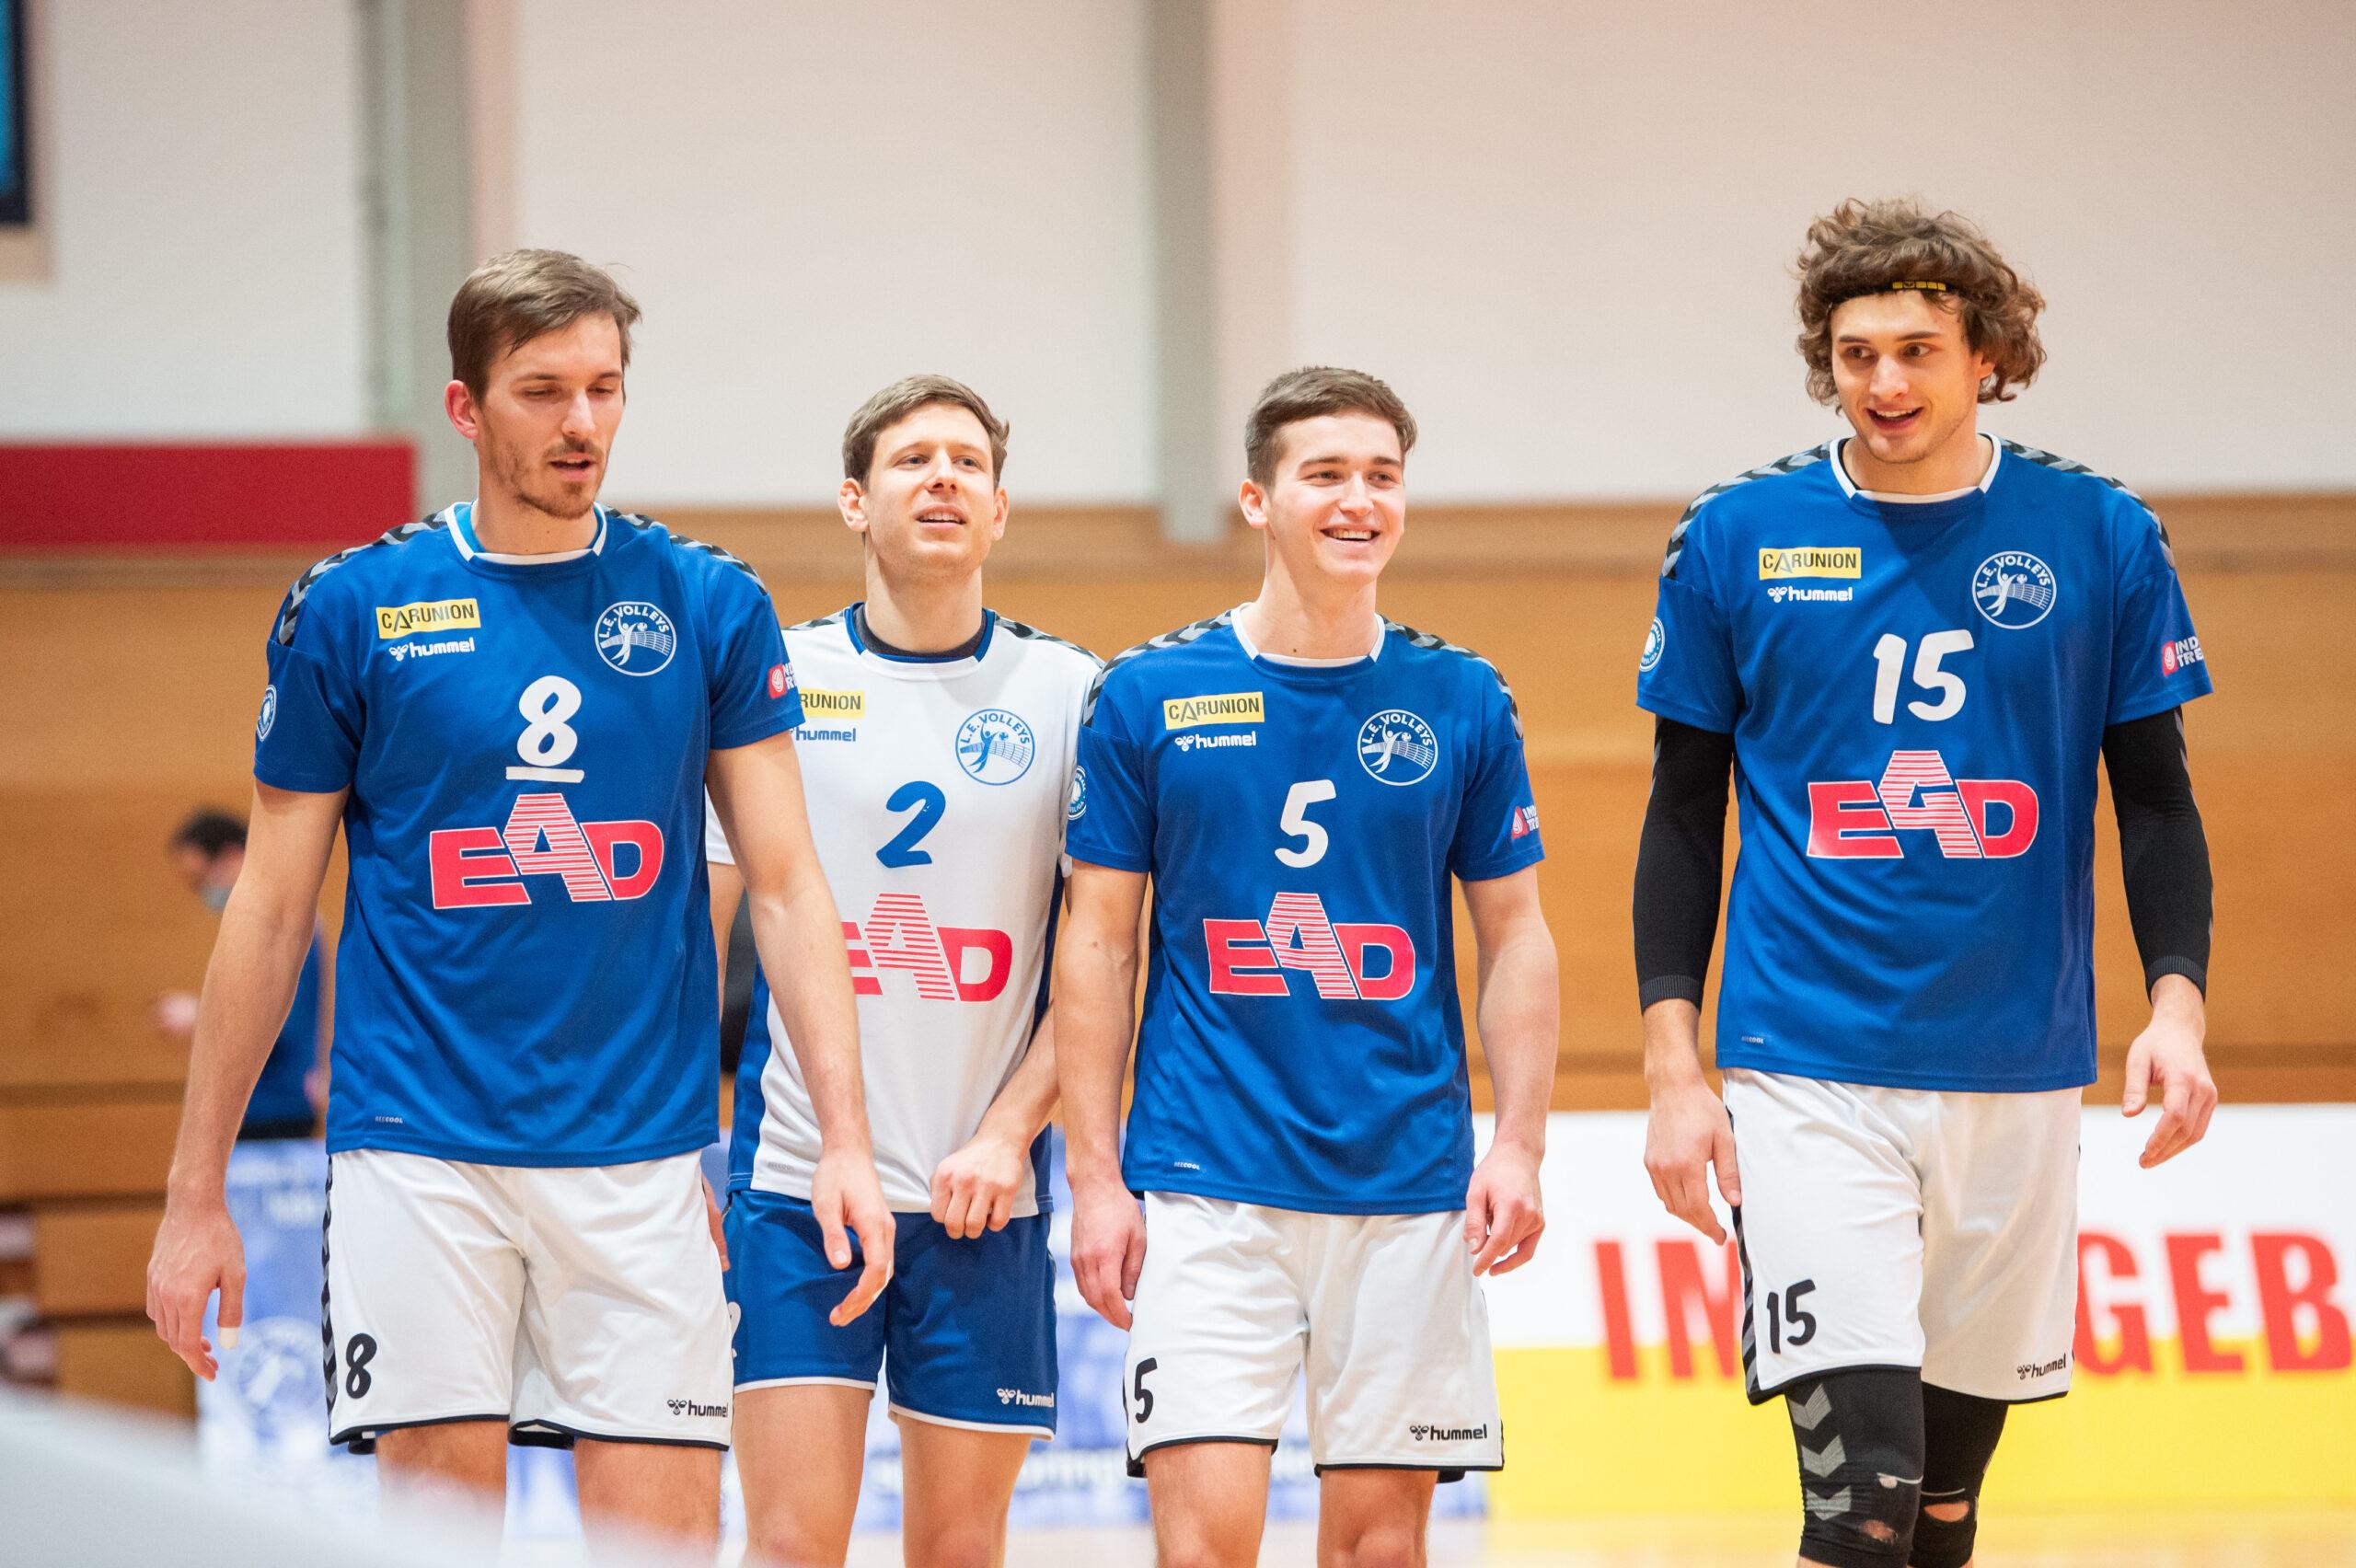 Chris Warsawski (Volleys #8), Julius Karoos (Volleys #2), Lorenz Deutloff (Volleys #5), Henrik Kamphausen (Volleys #15)   L.E. Volleys Leipzig vs TSV Grafing, Volleyball, 2.Liga, 30.01.2021